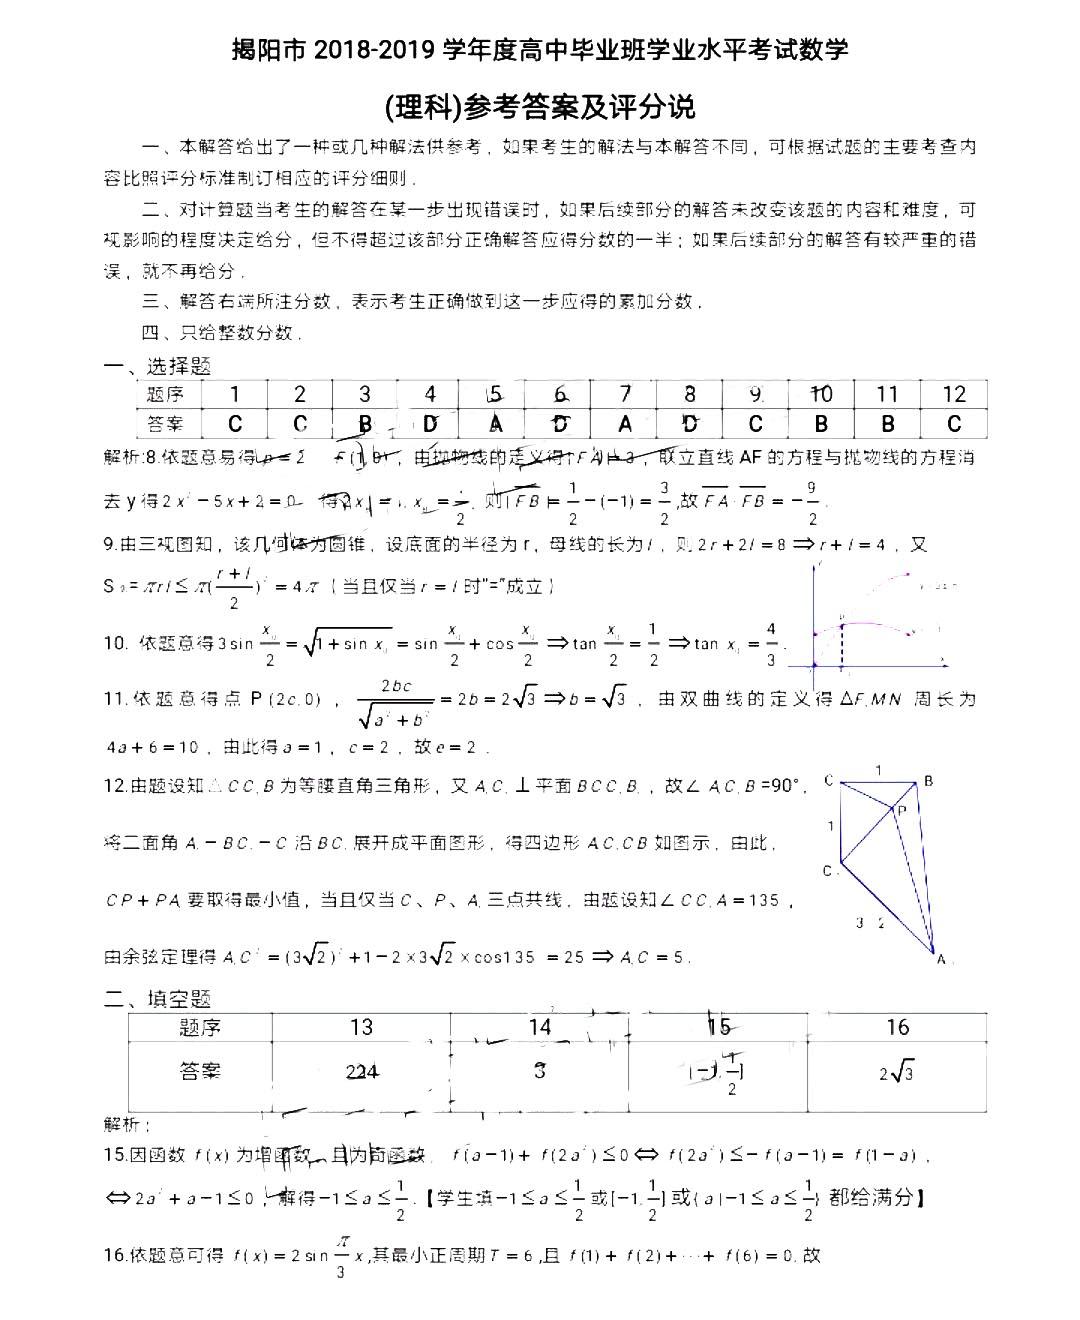 2019年揭陽調研高三理科數學答案整理,考生請參考!